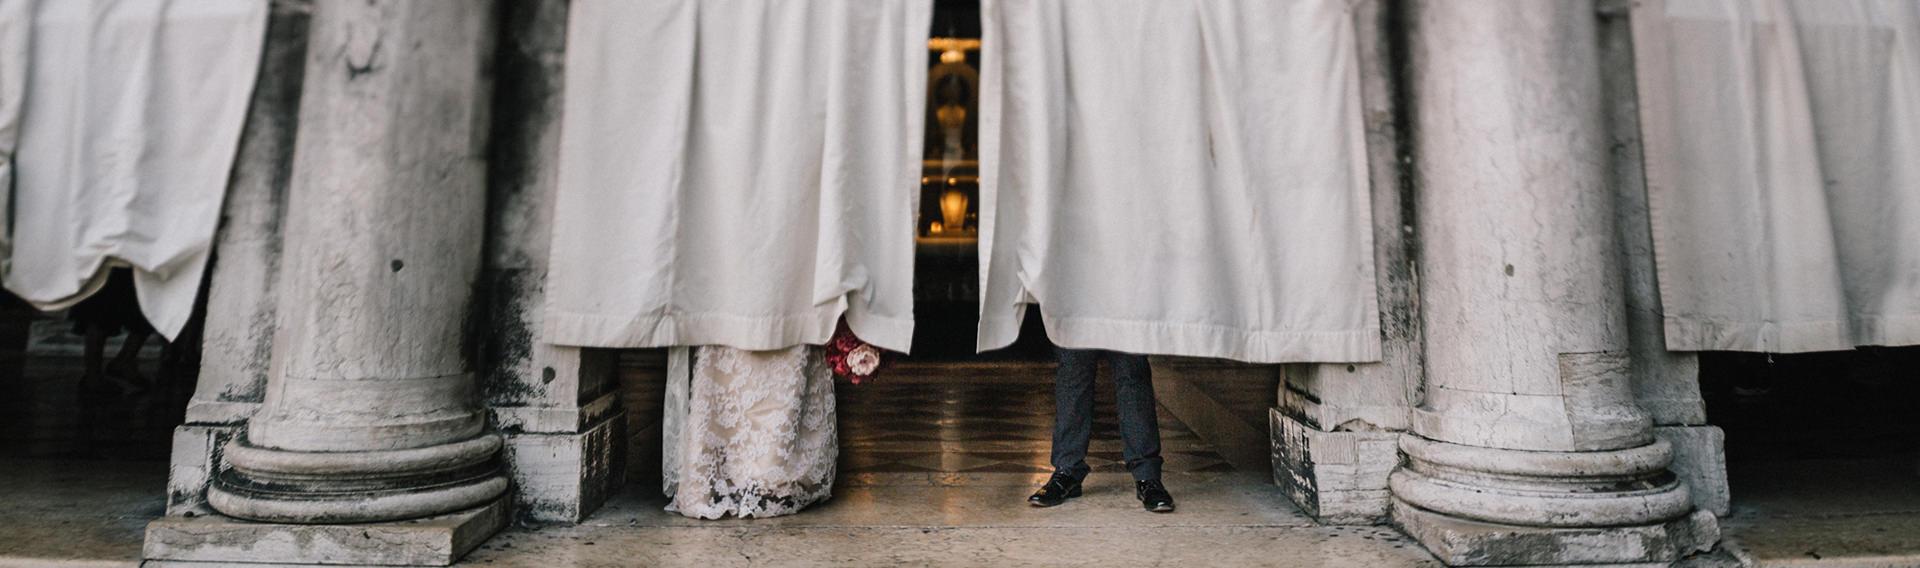 fotografo-matrimonio-venezia-treviso-padova-galleria privata